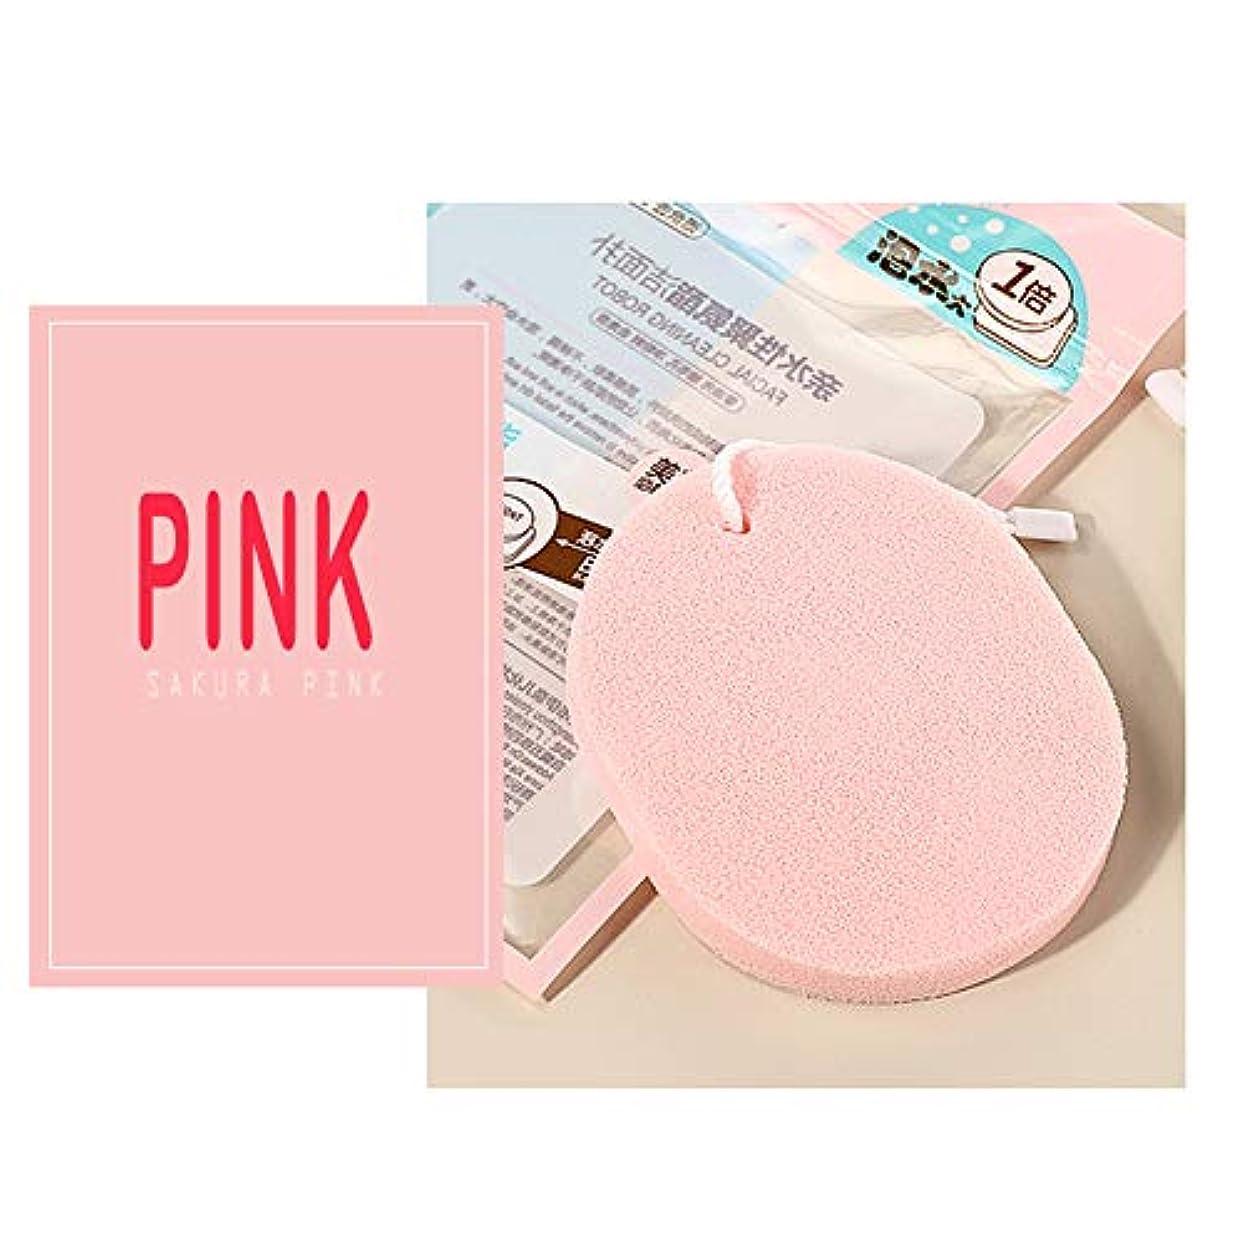 オーロック風景不可能なACHICOO クリーニングスポンジパフ ストラップ付き ソフト 携帯便利 フェイスクレンジング 洗面 洗顔 ウォッシュパッド 女性 スキンケア ピンク